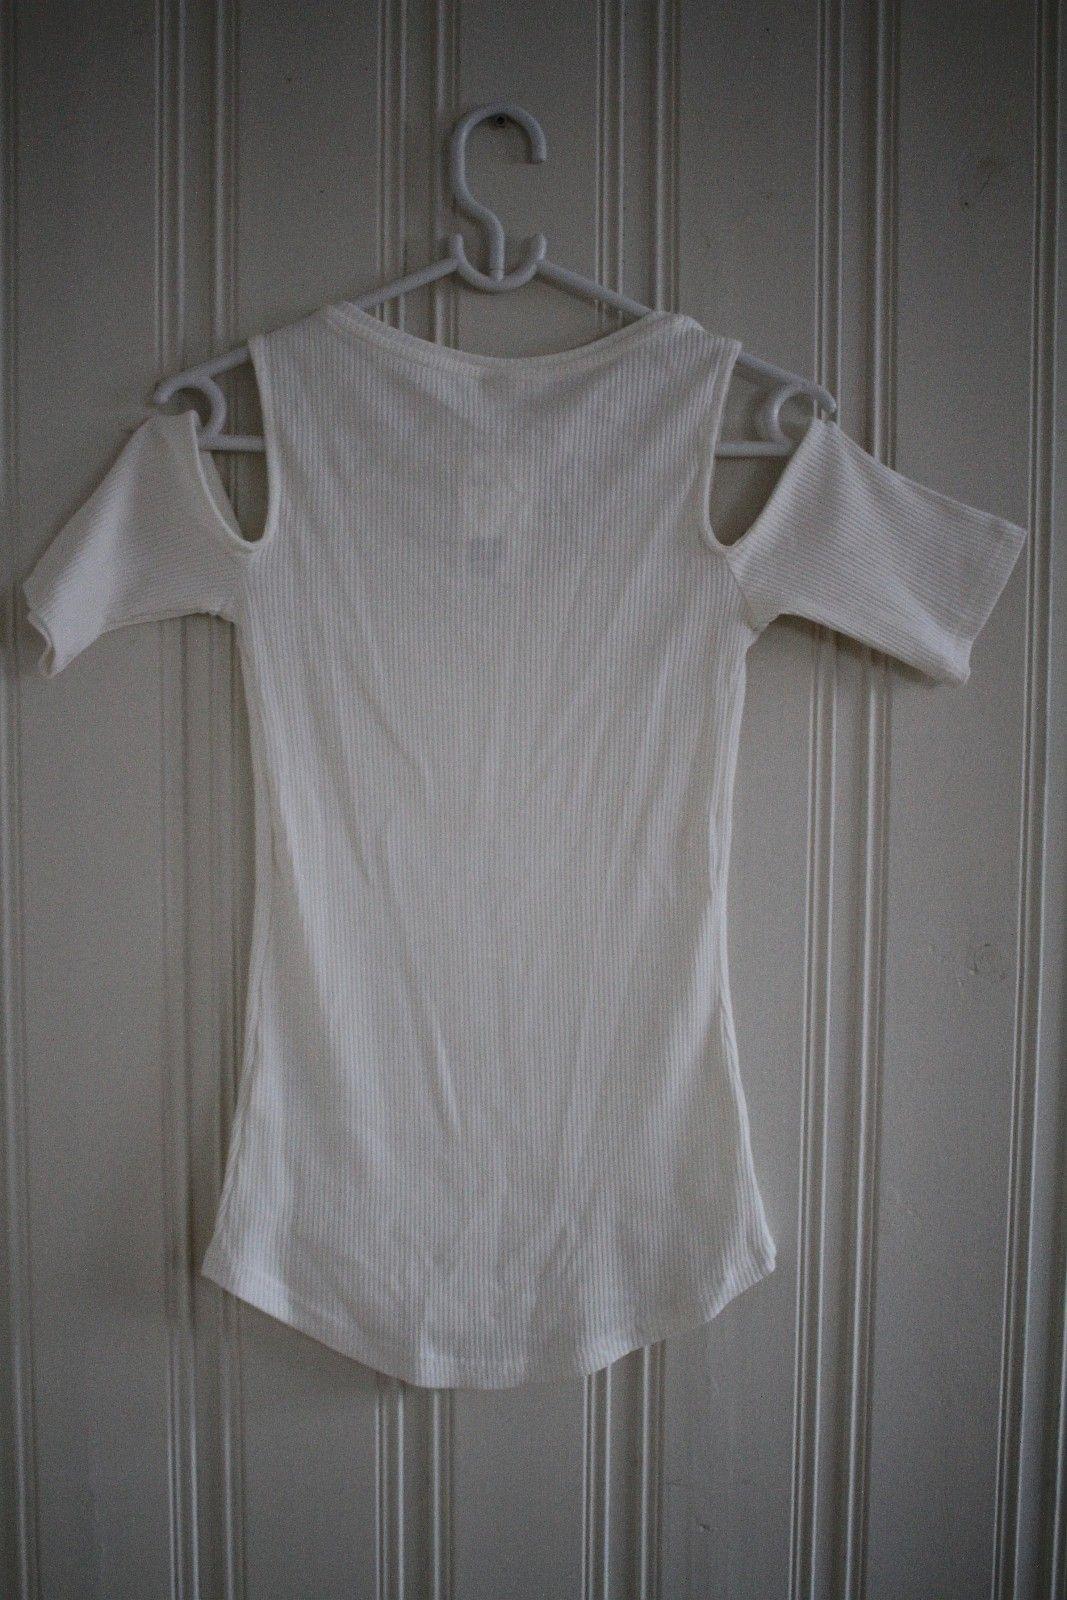 Topp åpen arm bluse skjorte hvit H&M xs 34 s 36 cold